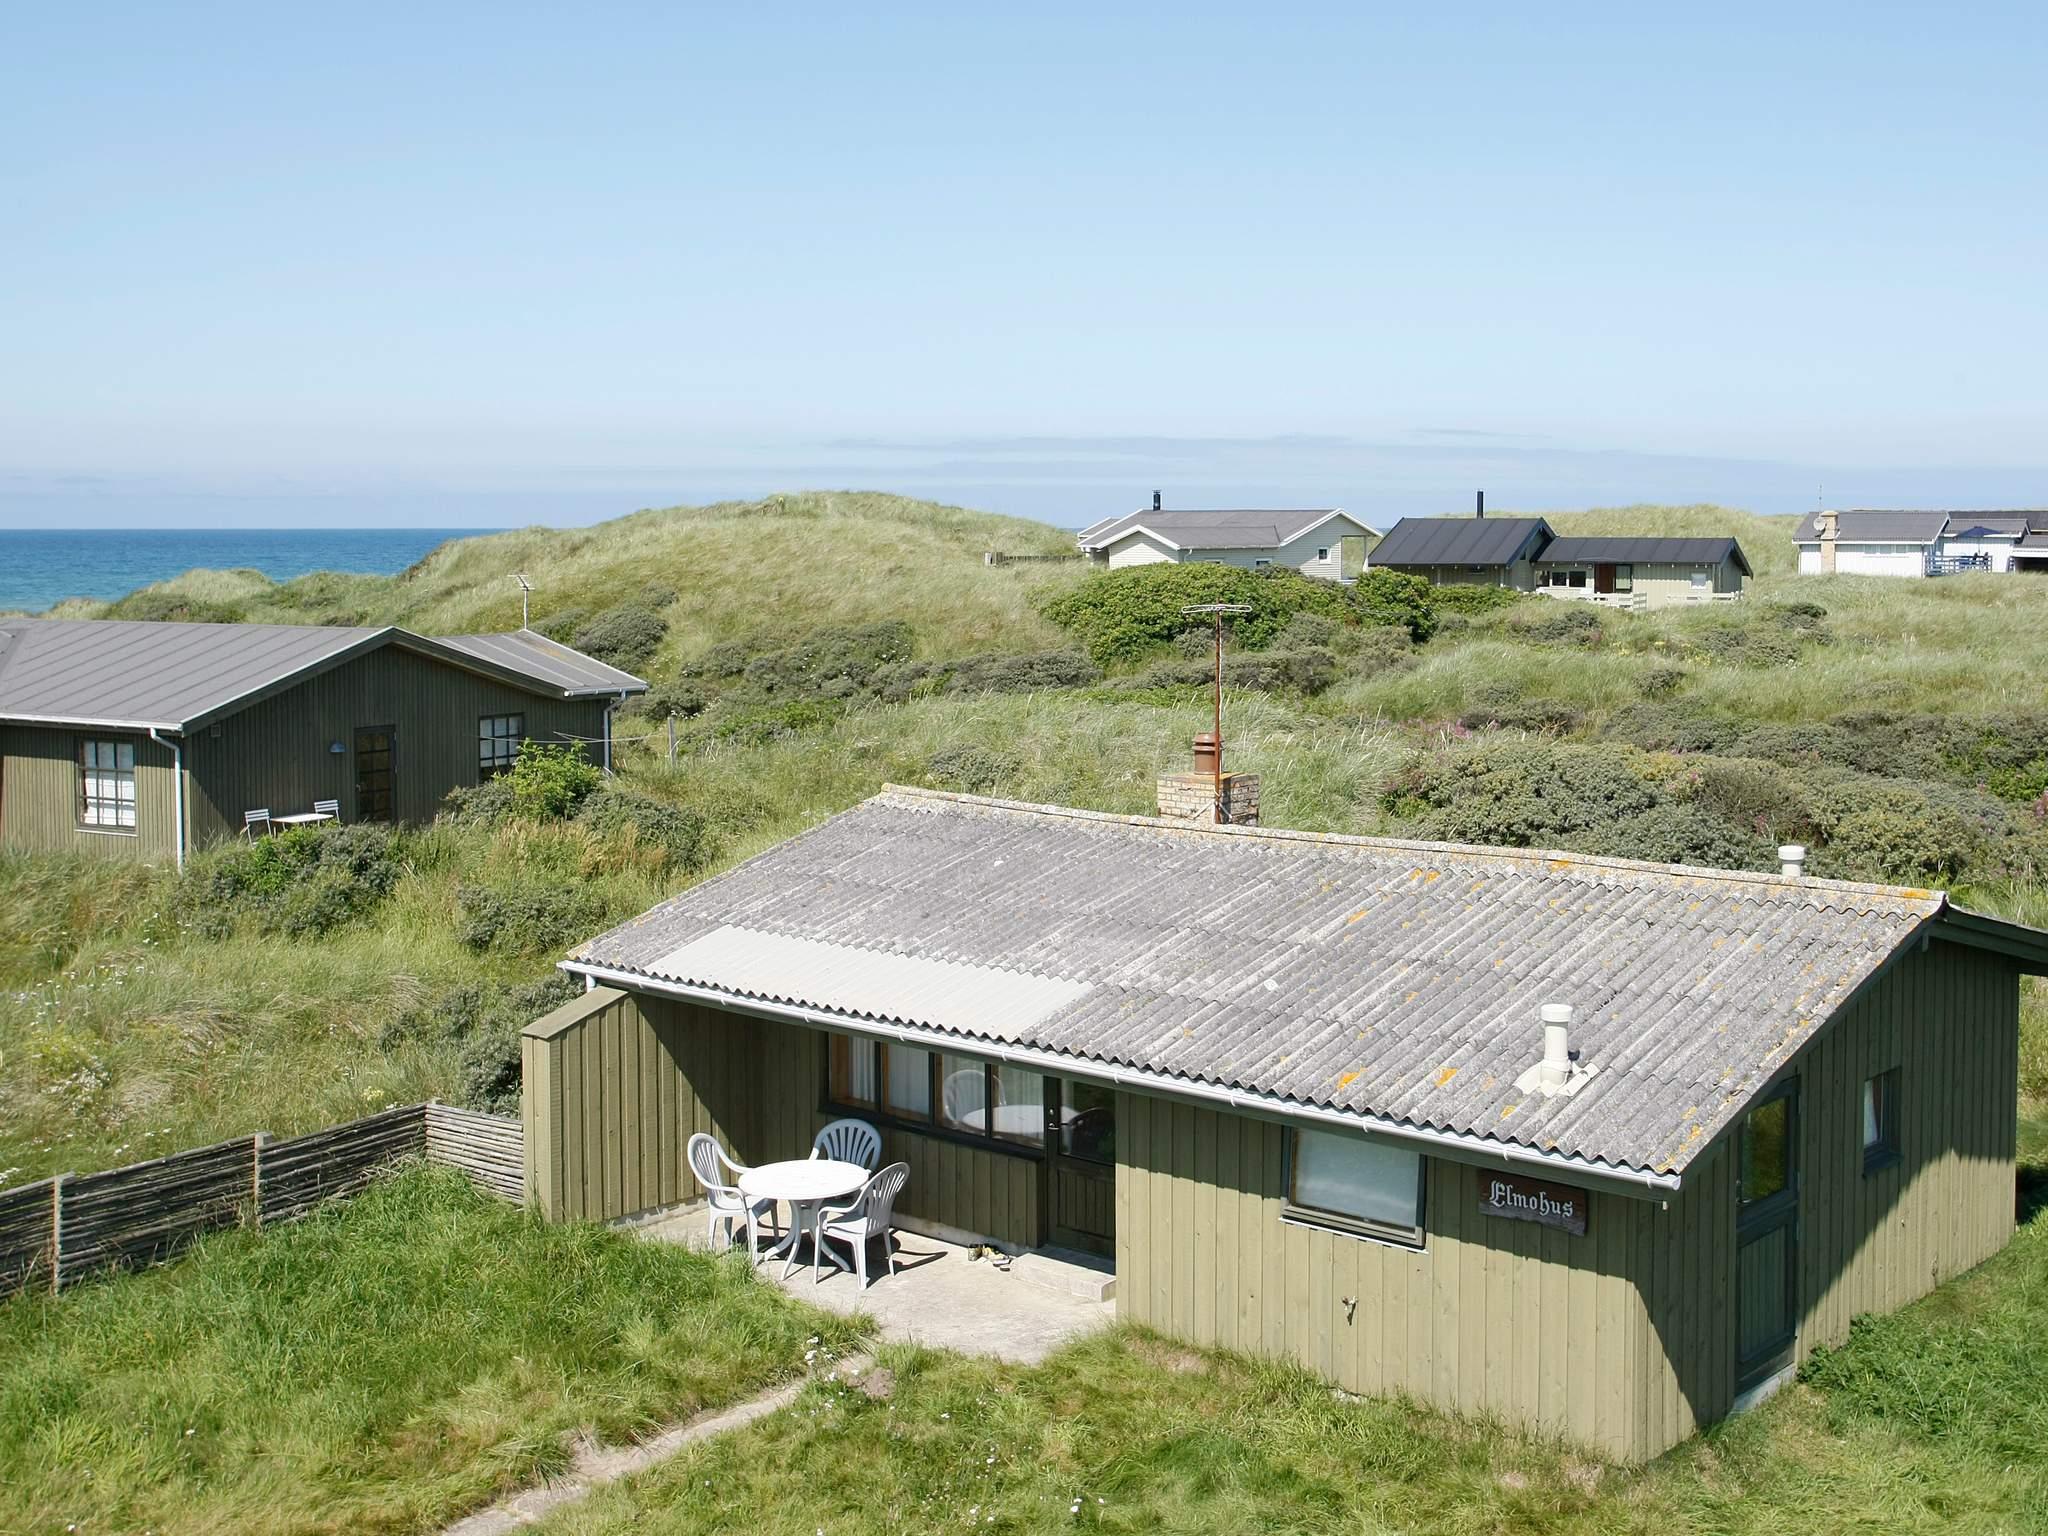 Ferienhaus Løkken (85319), Løkken, , Nordwestjütland, Dänemark, Bild 1